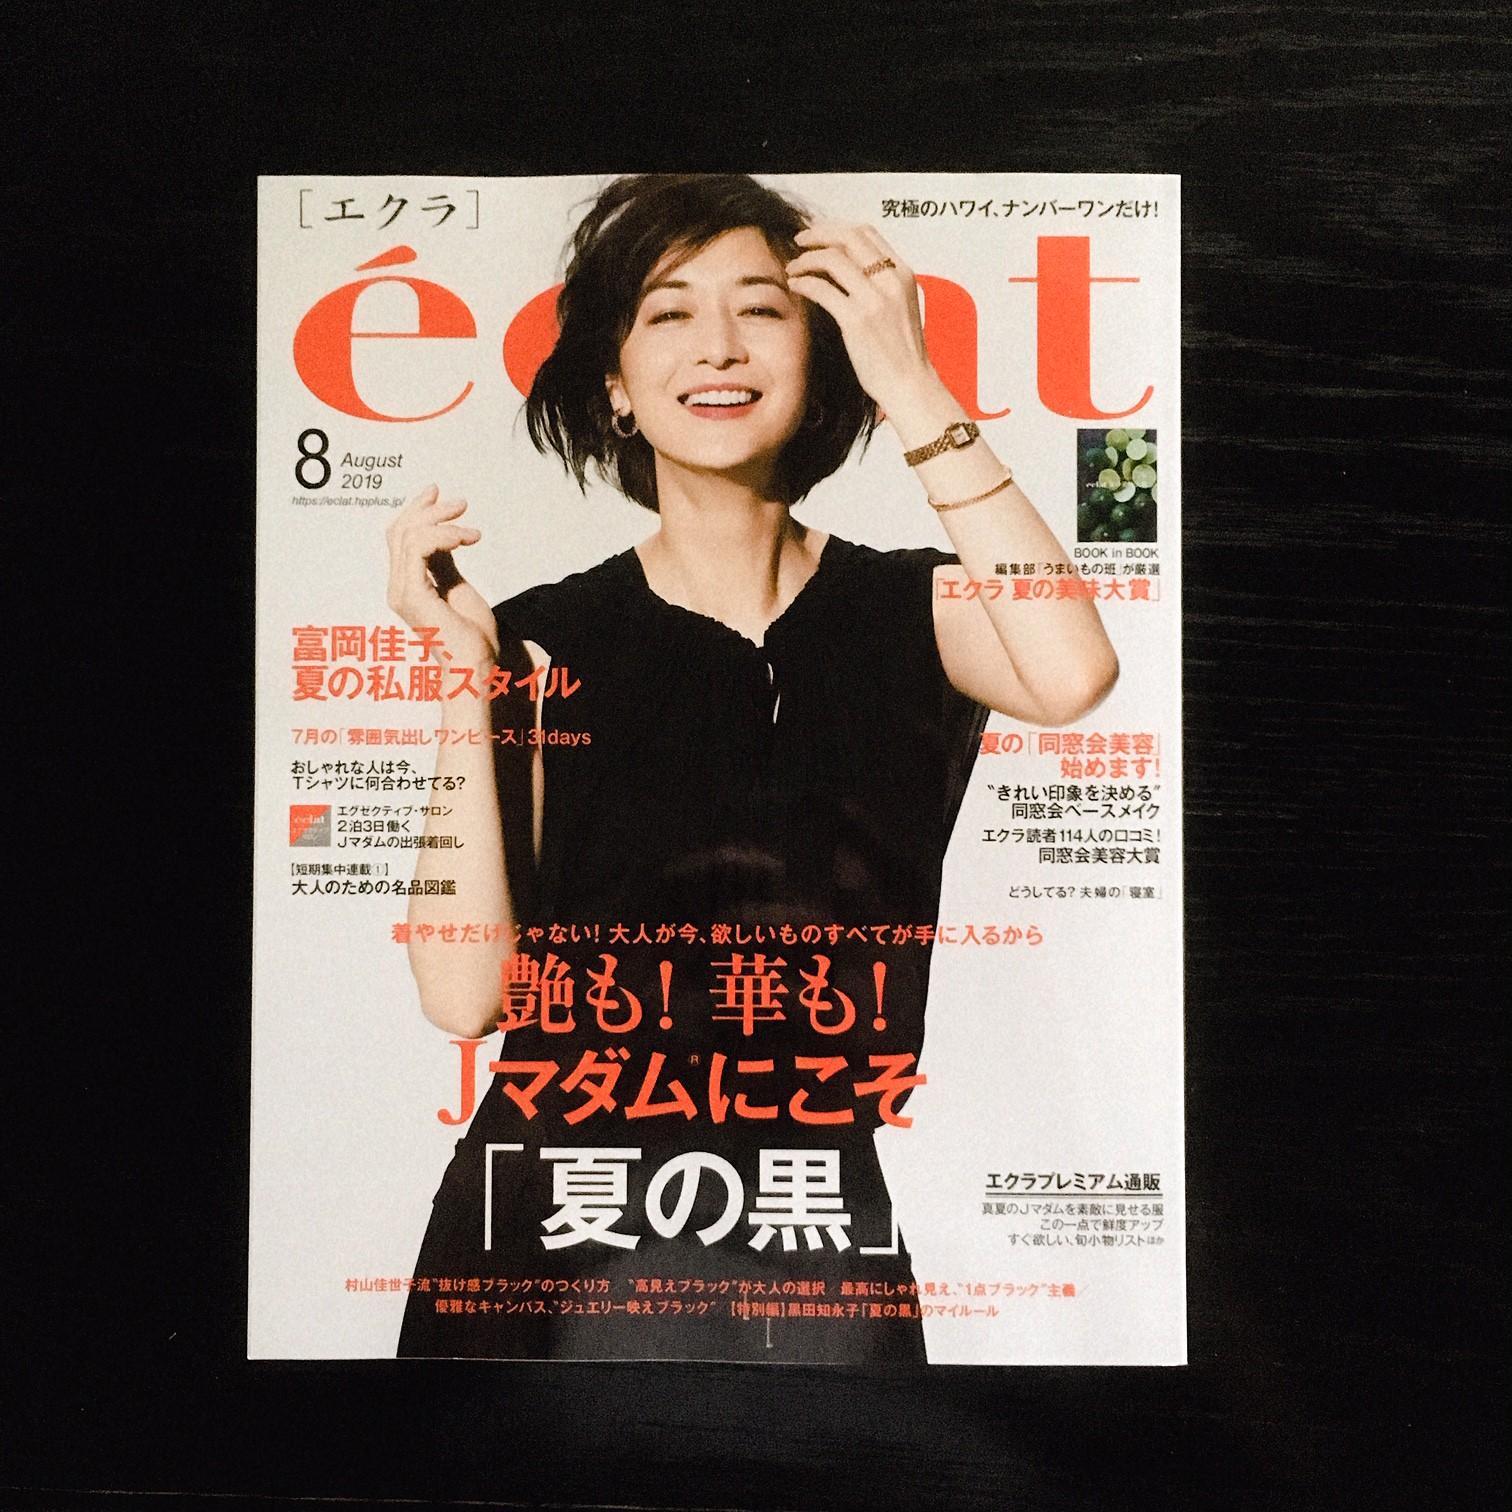 40代・50代 大人の女性ファッション情報誌「eclat(エクラ)」に掲載されました!